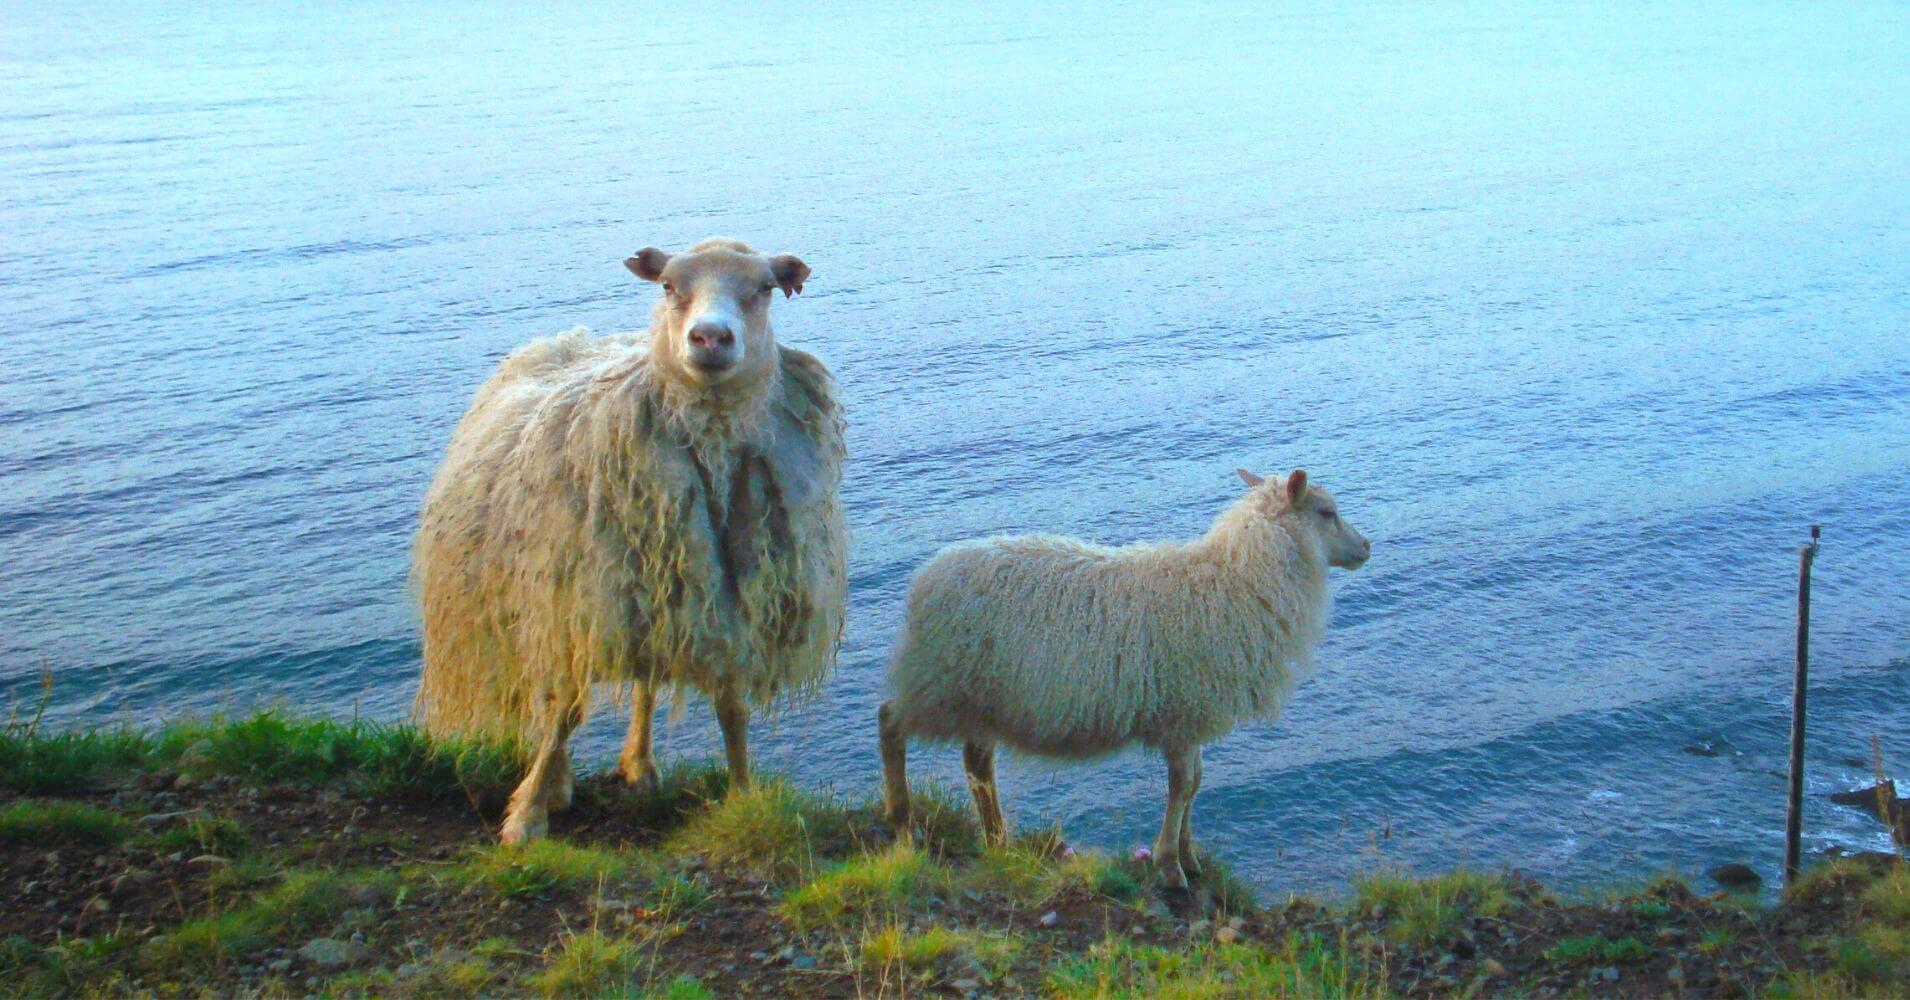 Ovejas en Latrabjarg. Península de Vestfirdir. Islandia.